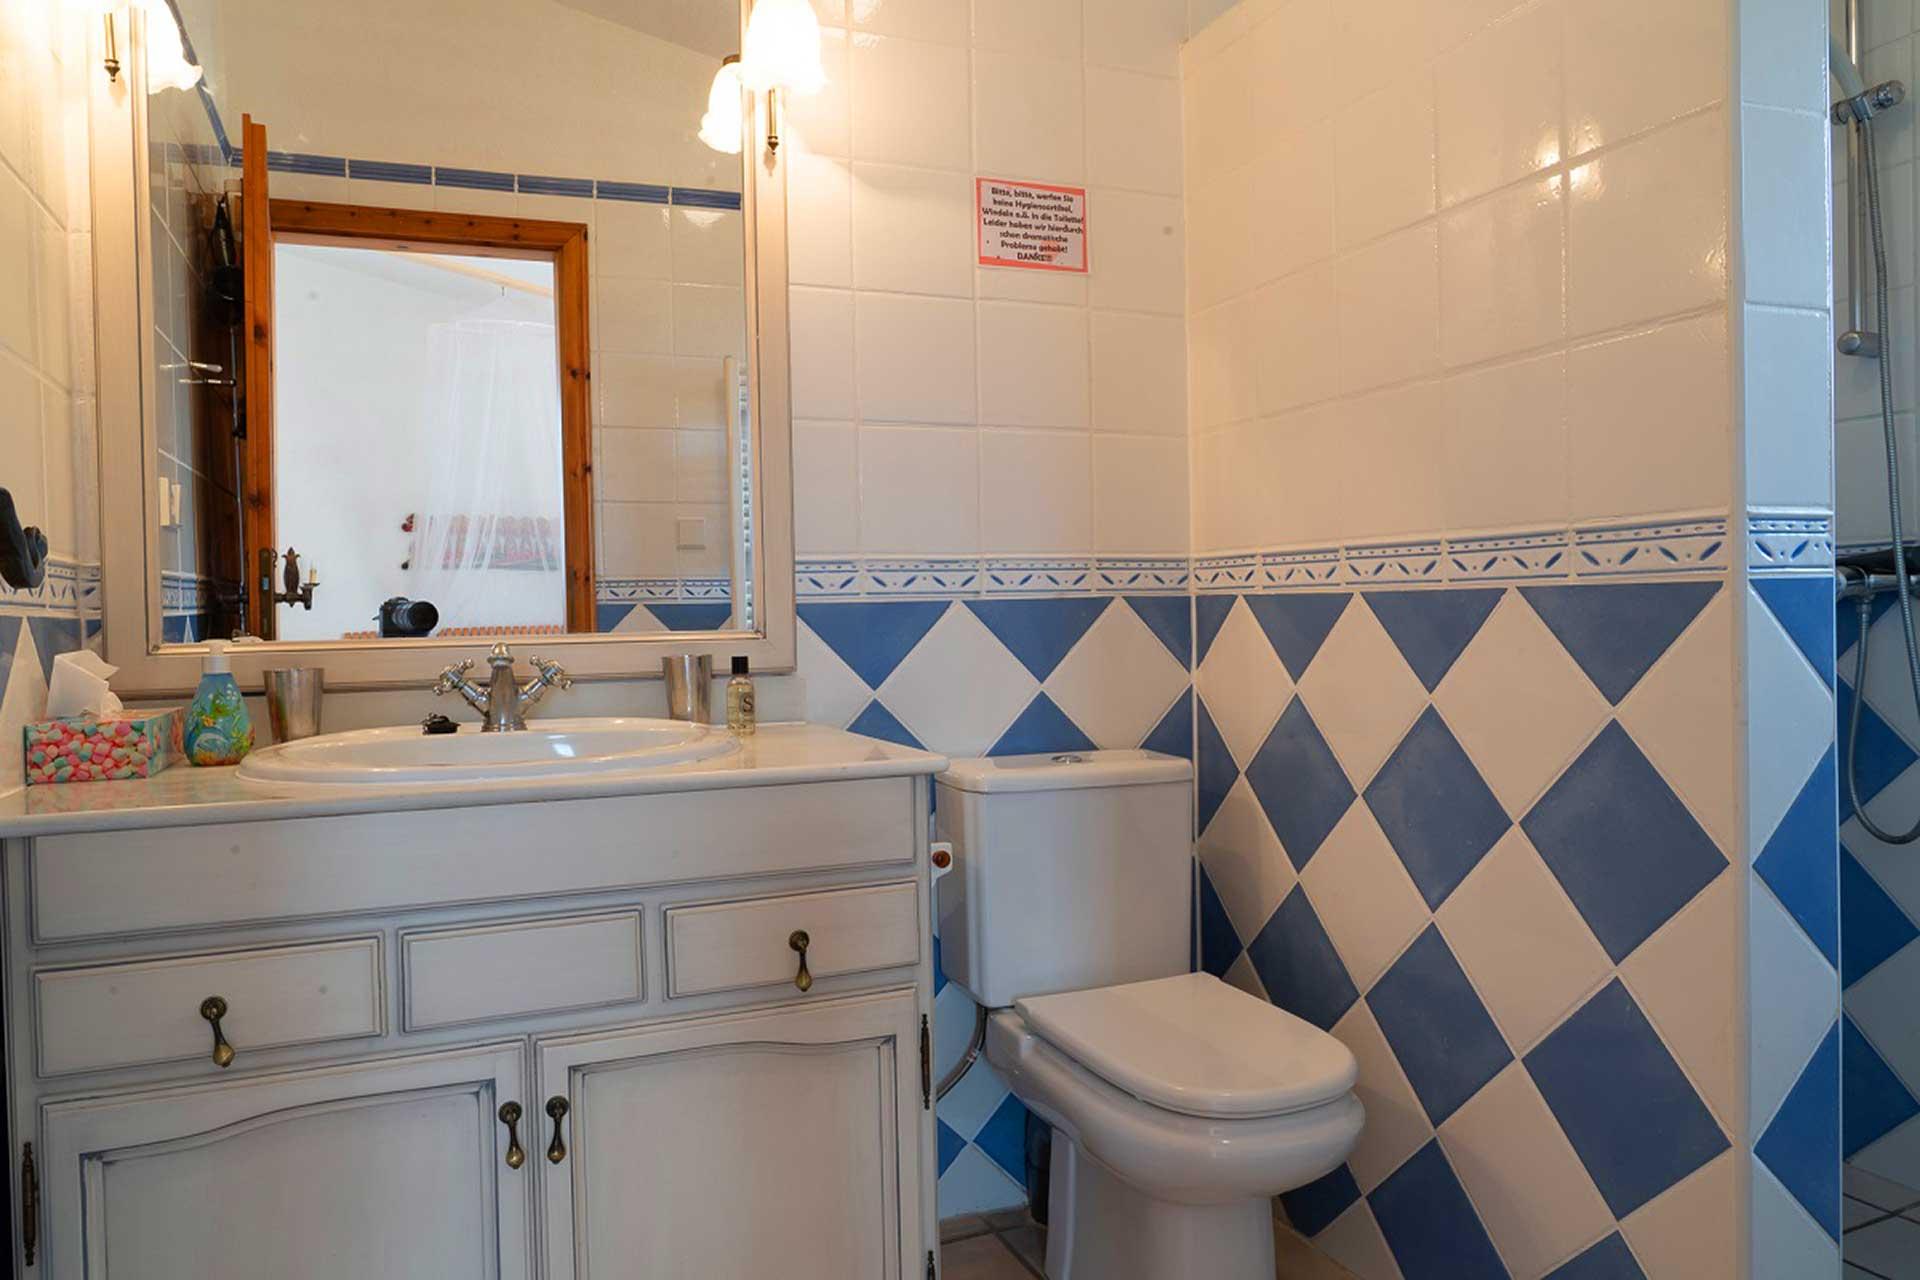 Finca C'an Murtera - En suite bathroom